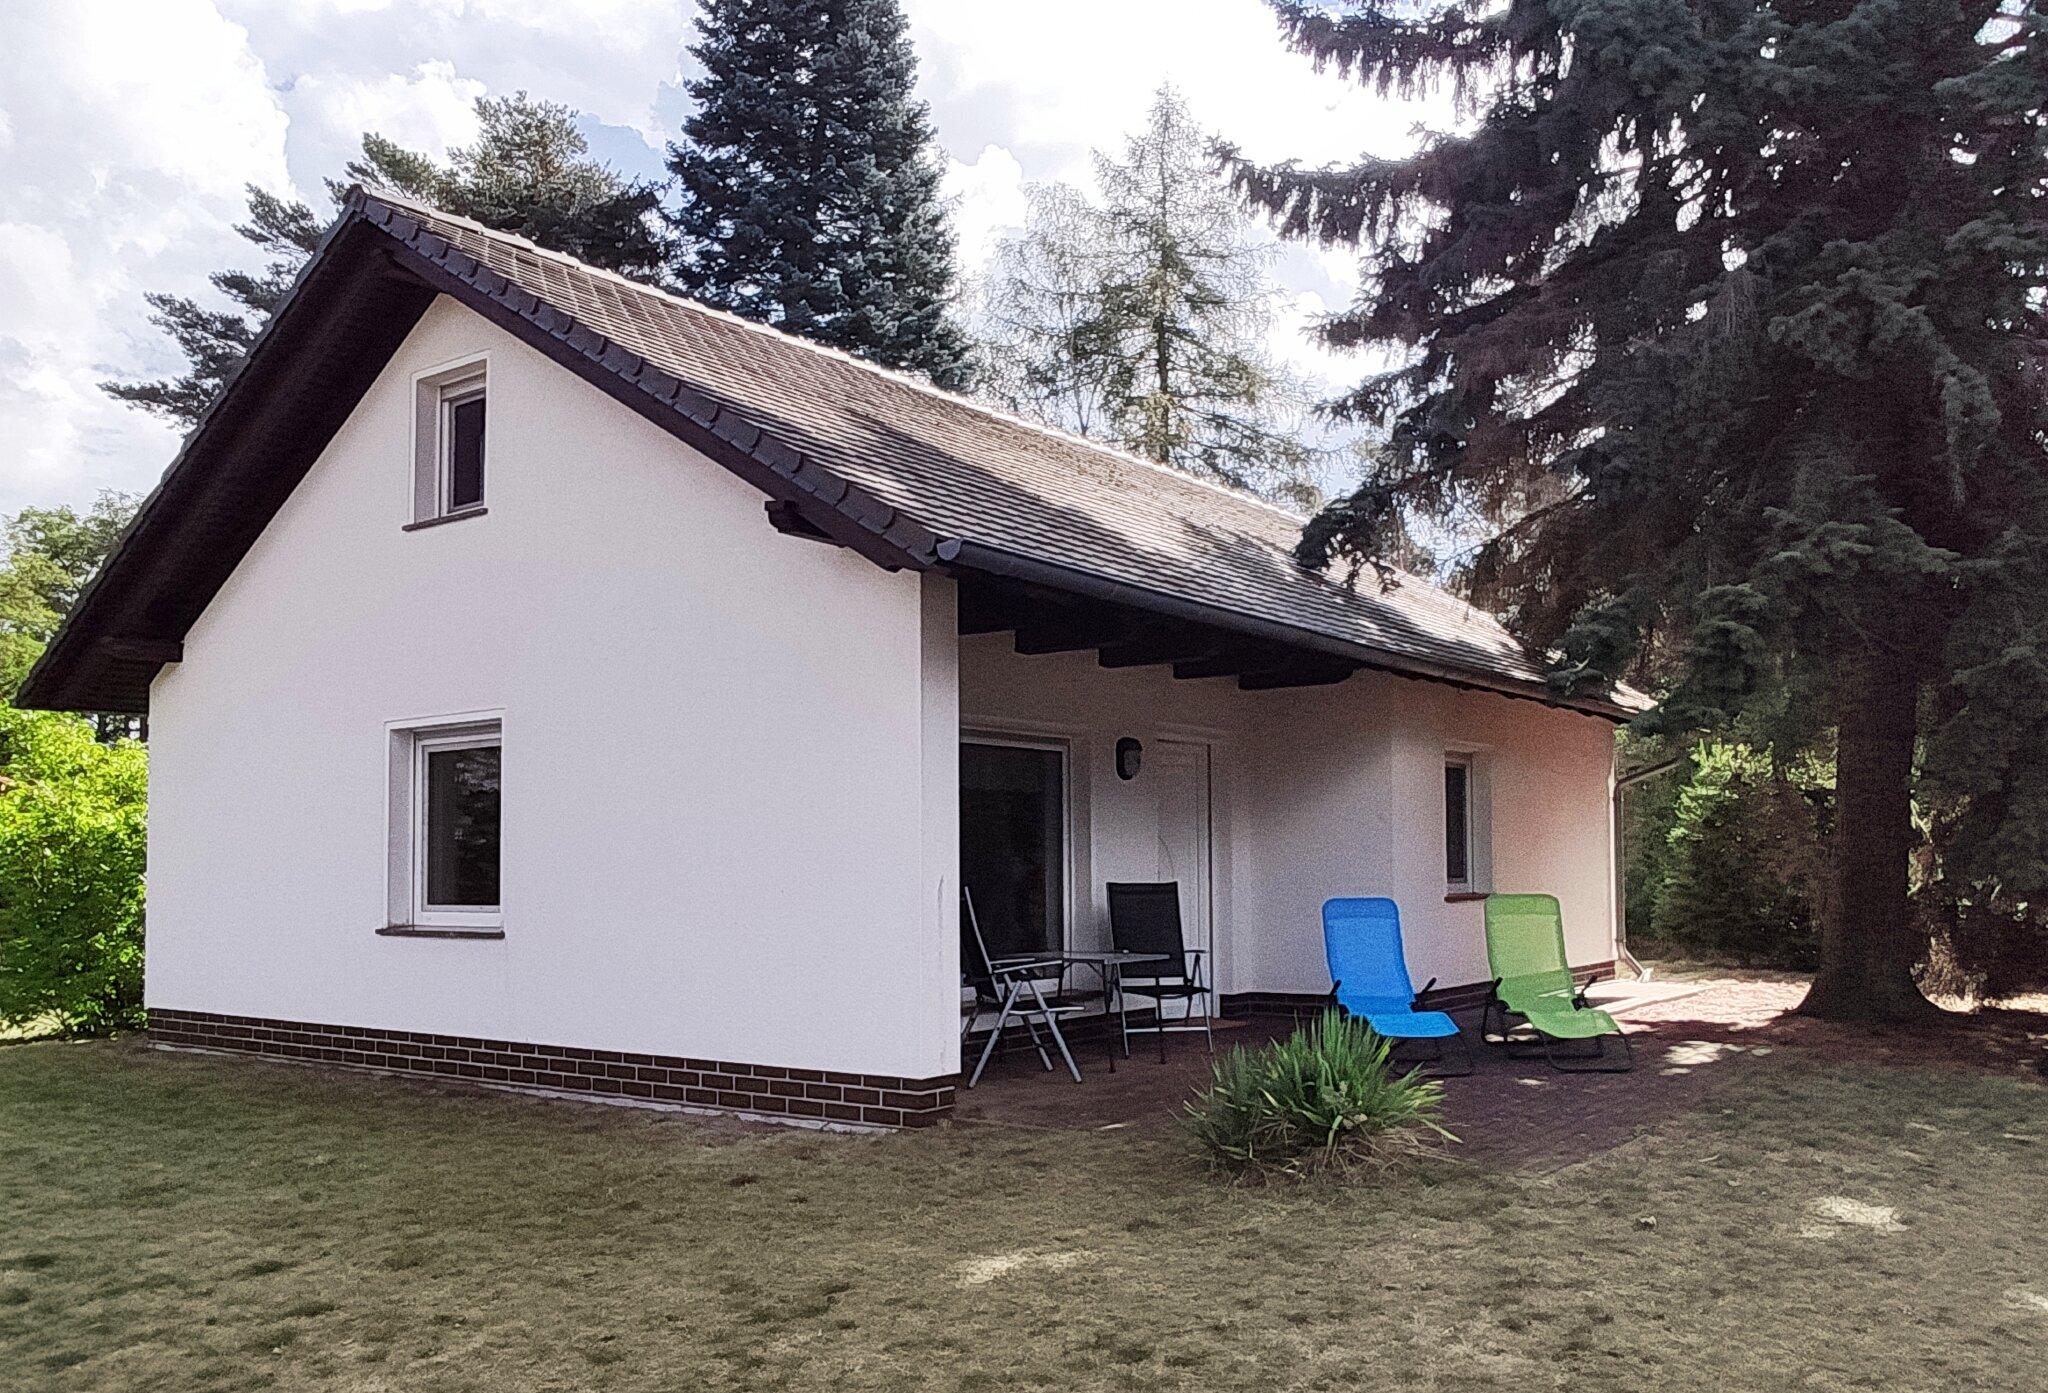 Ferienhaus in Bantikow am Untersee